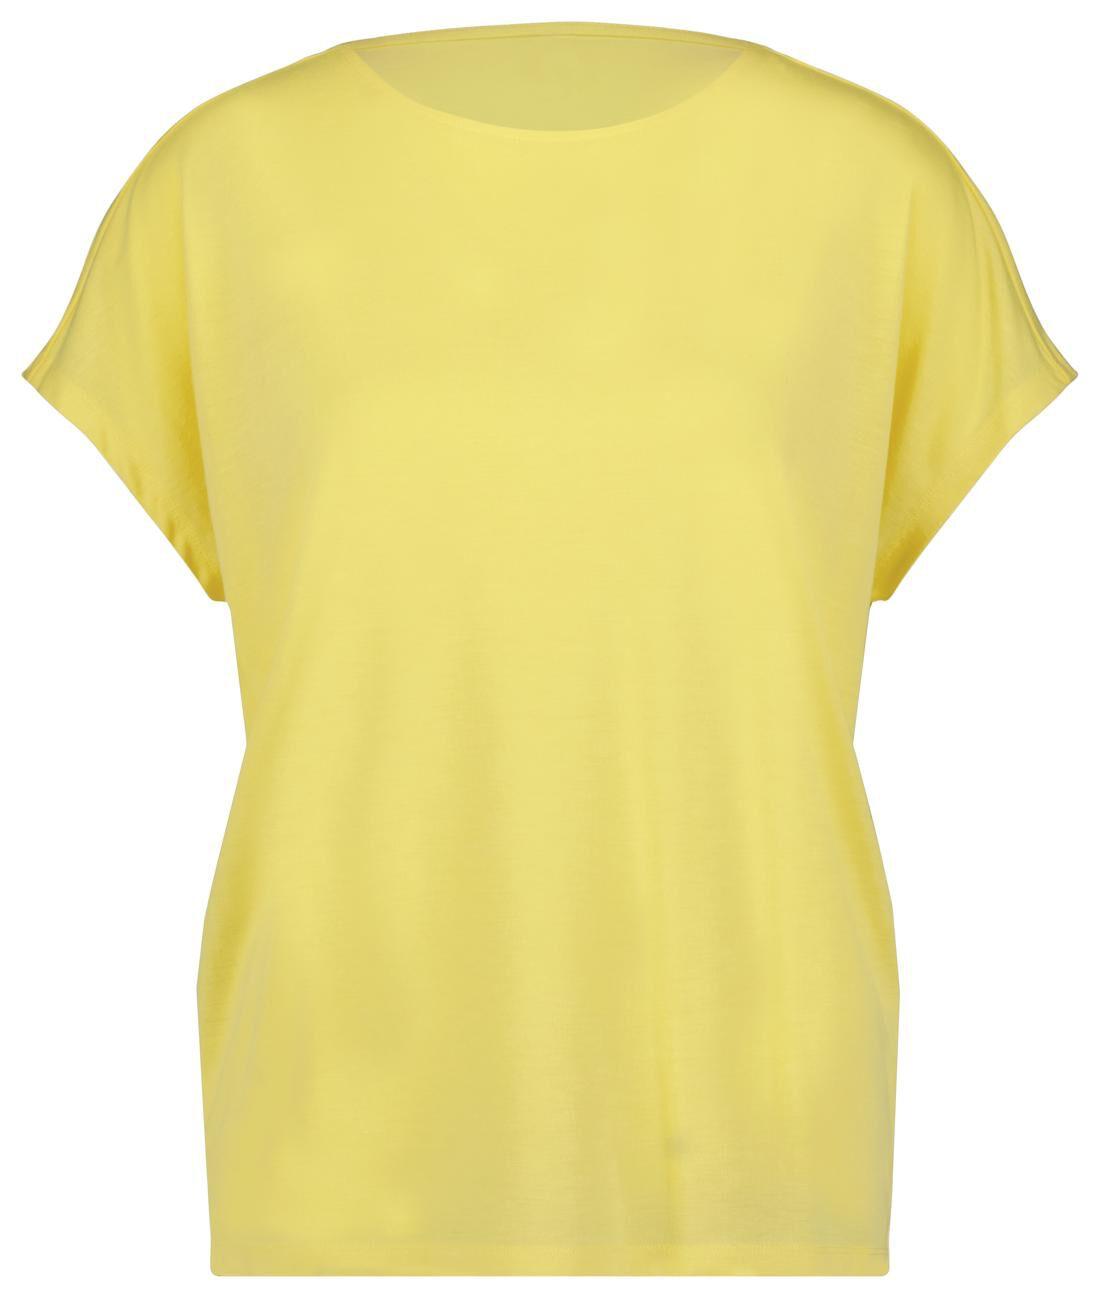 HEMA Dames T-shirt Geel (geel)